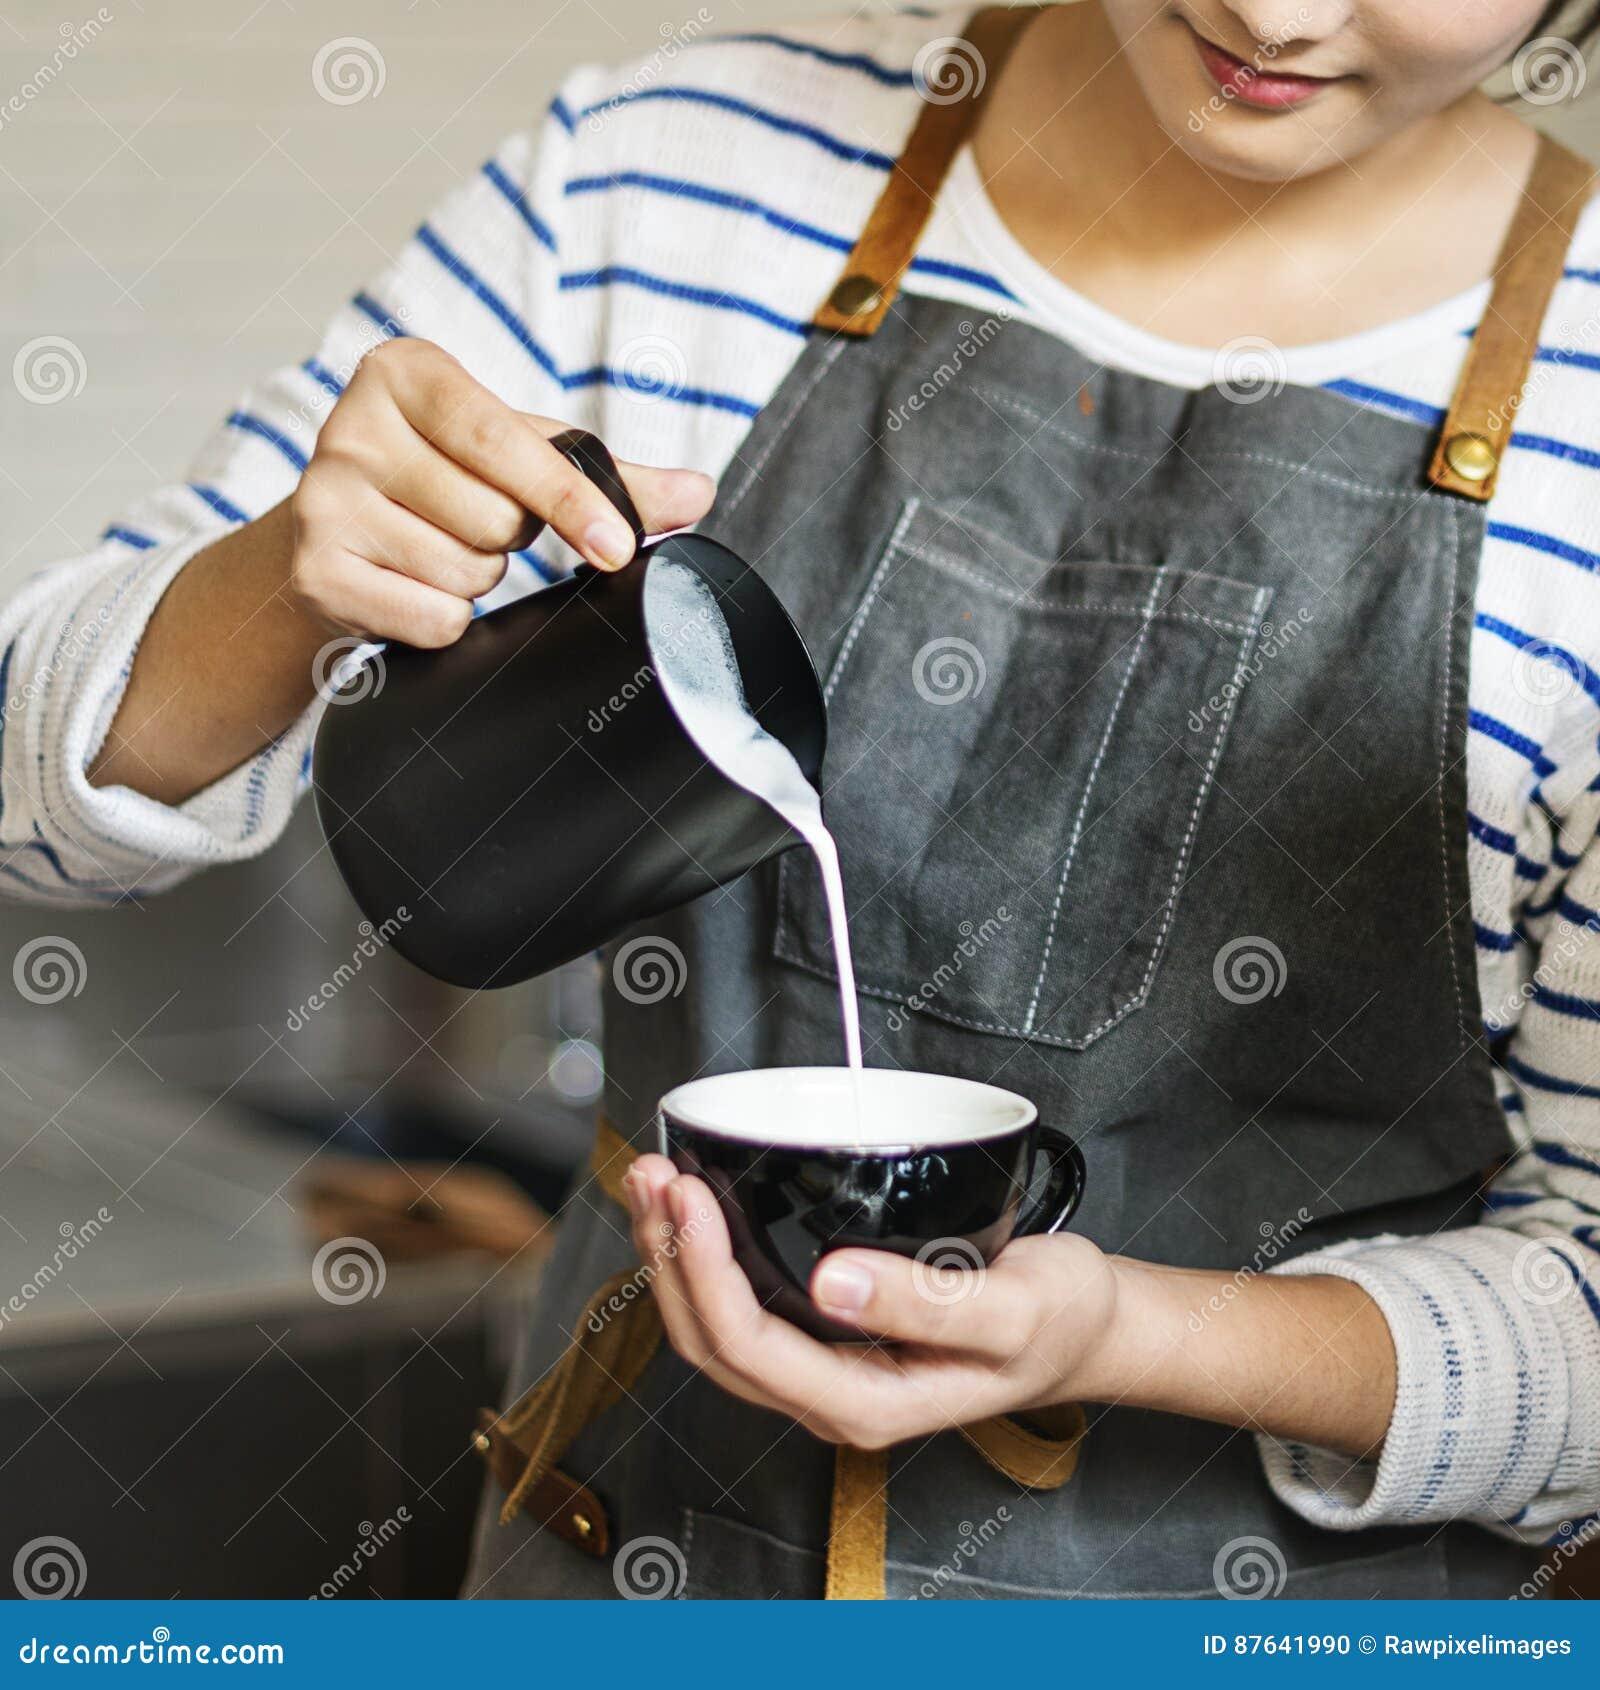 Bestellungs-Konzept Barista Prepare Coffee Working